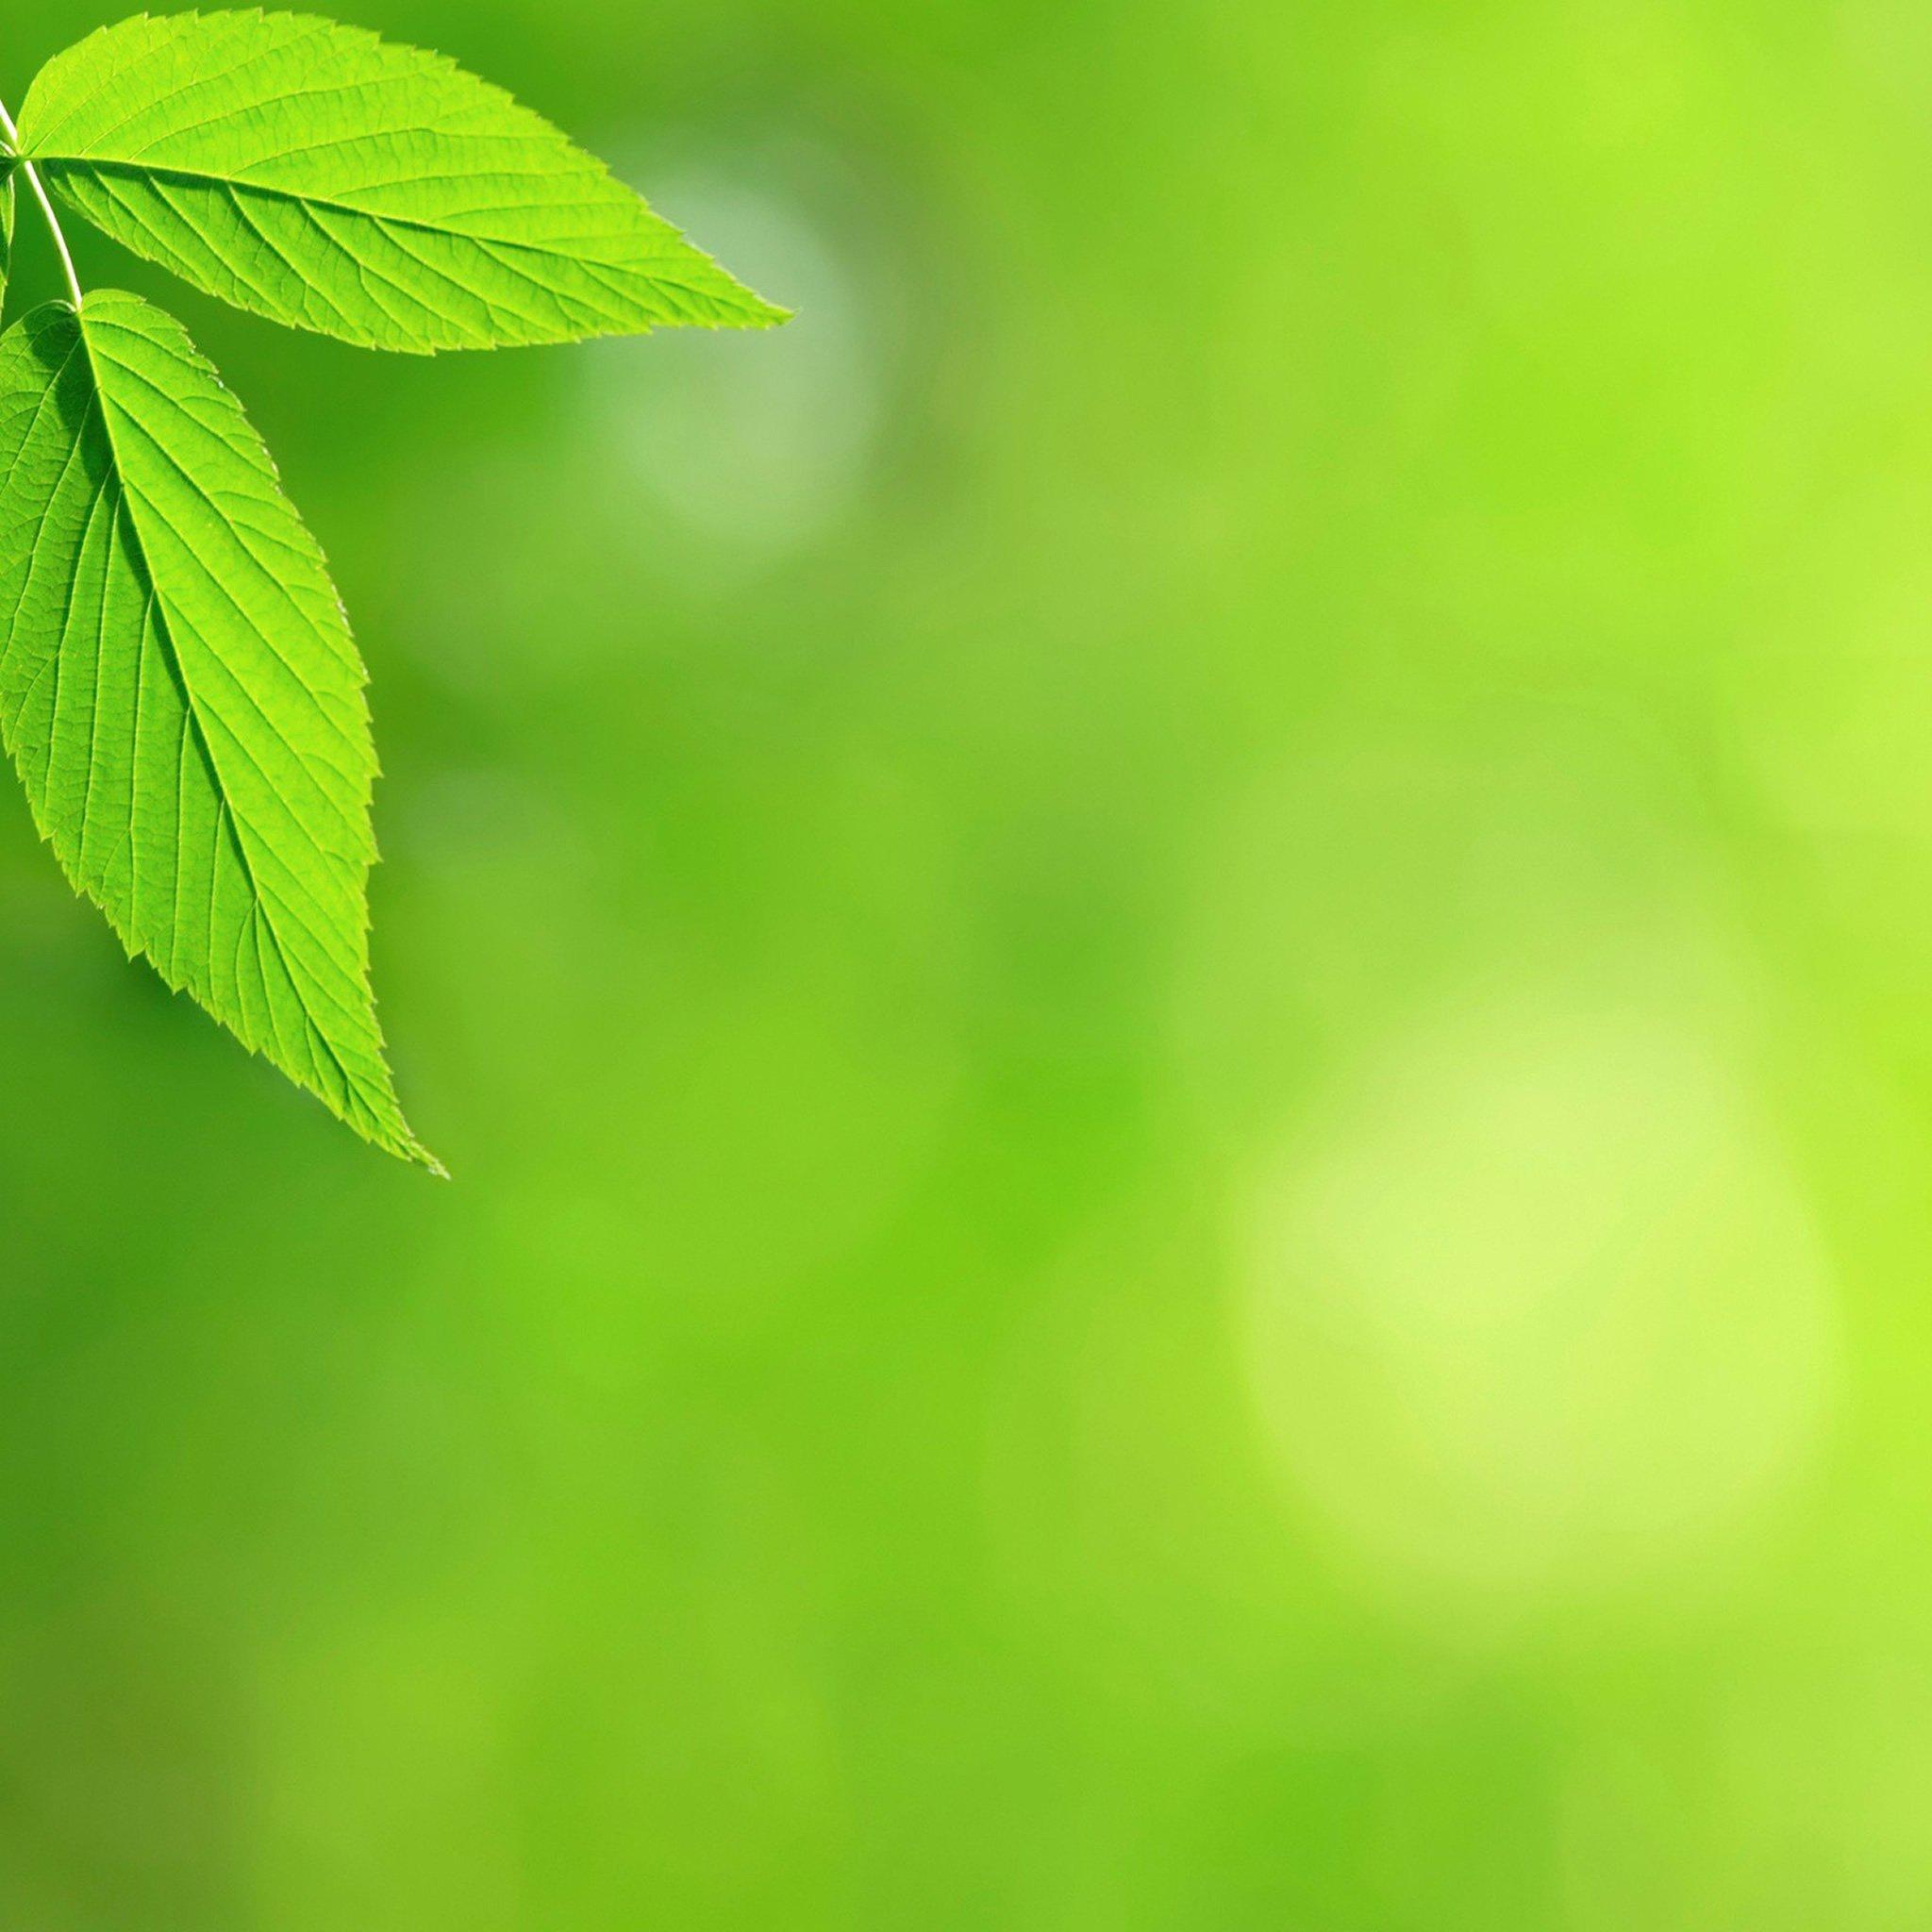 背景 壁纸 绿色 绿叶 树叶 植物 桌面 2048_2048